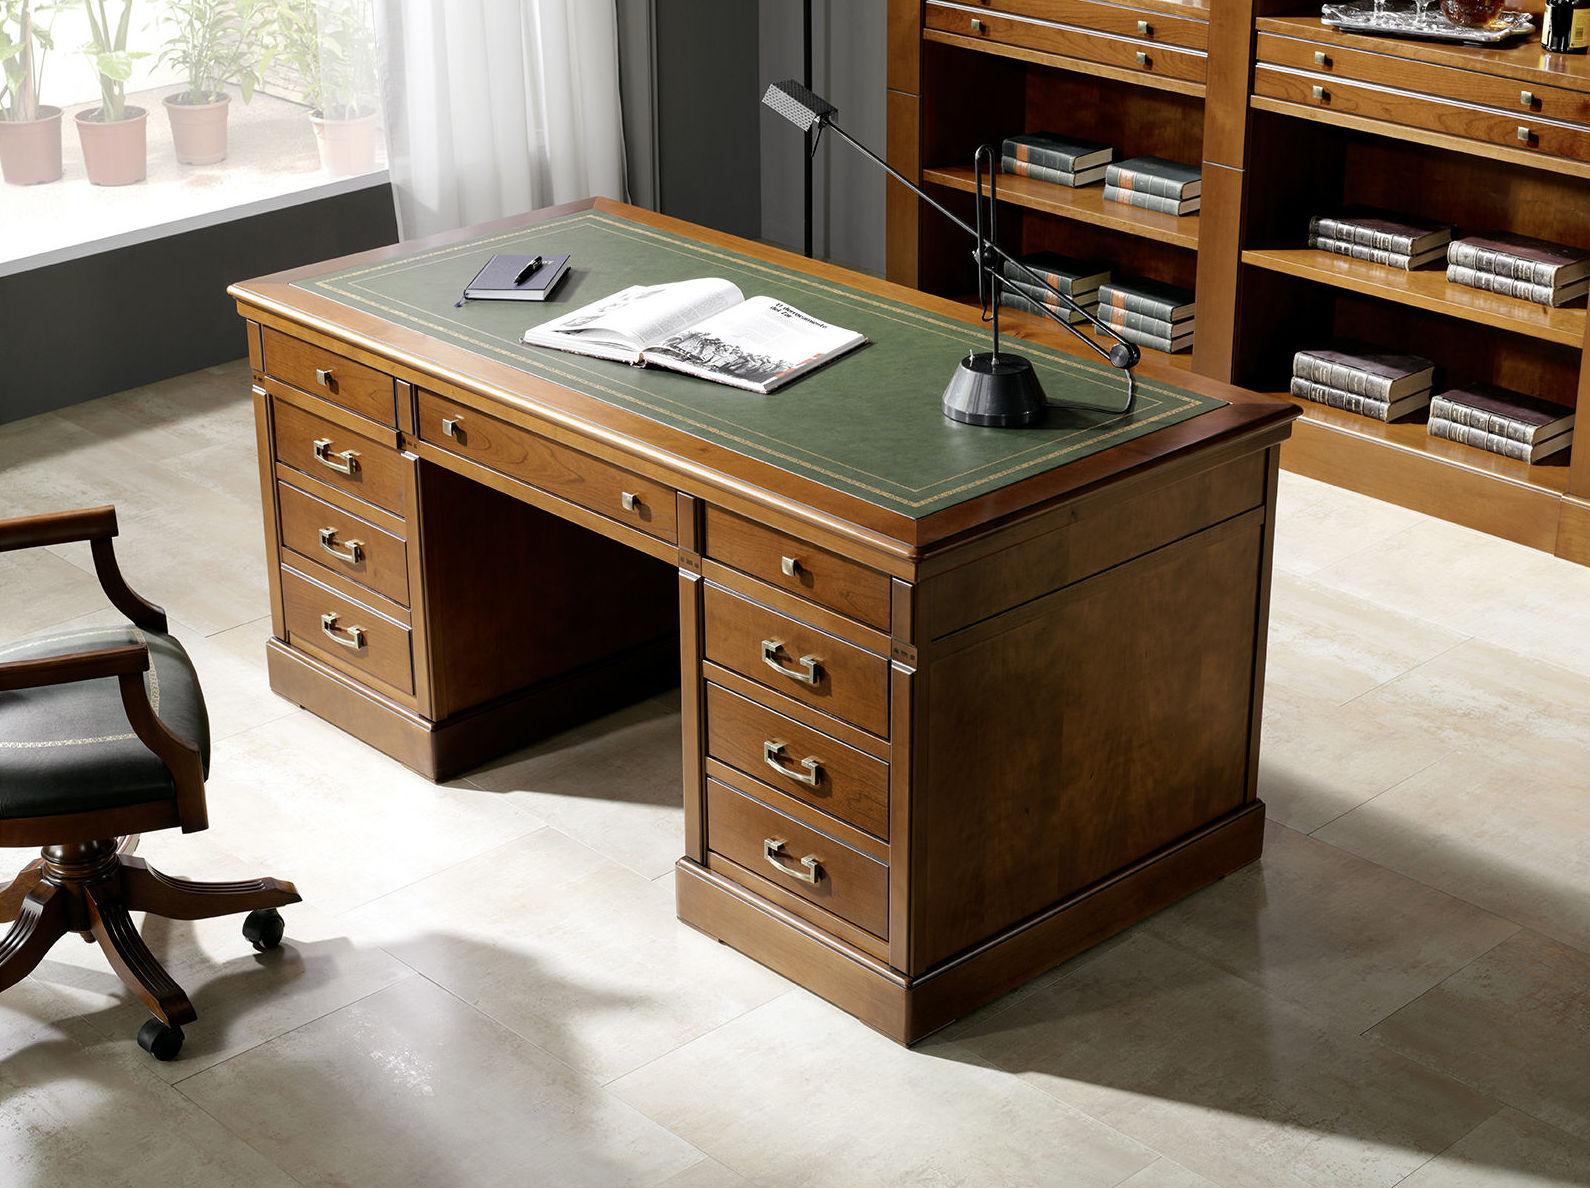 MESA DESPACHO MOD 75 ELECTRA  REF. 75635: Nuestros muebles de Muebles Lino